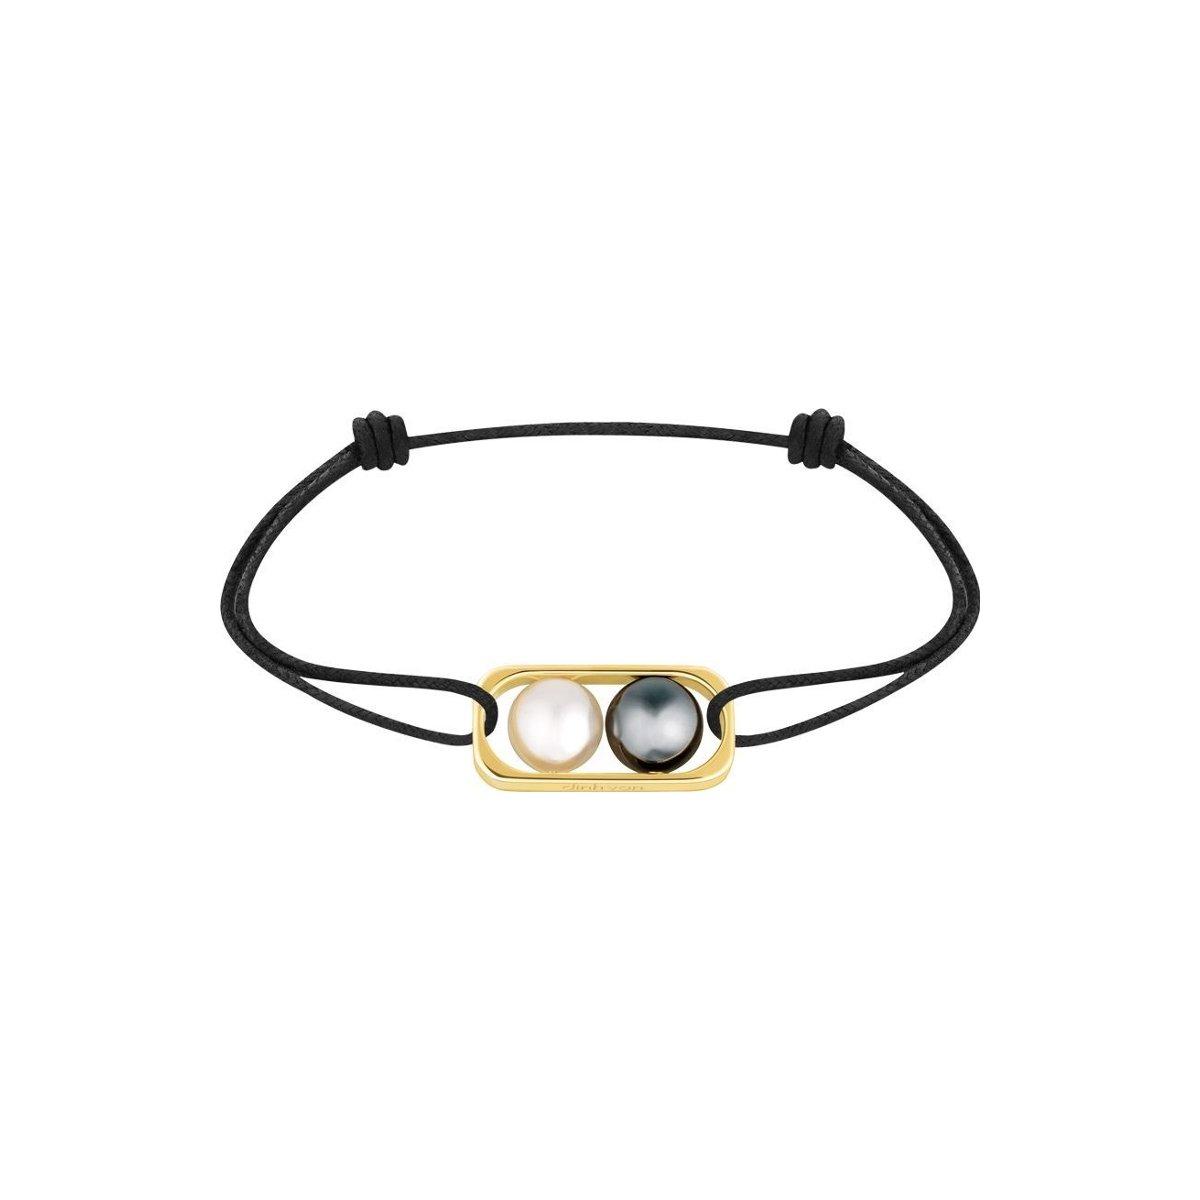 Bracelet sur cordon dinh van en or jaune, perle d'eau douce et perle d'hématite vue 1